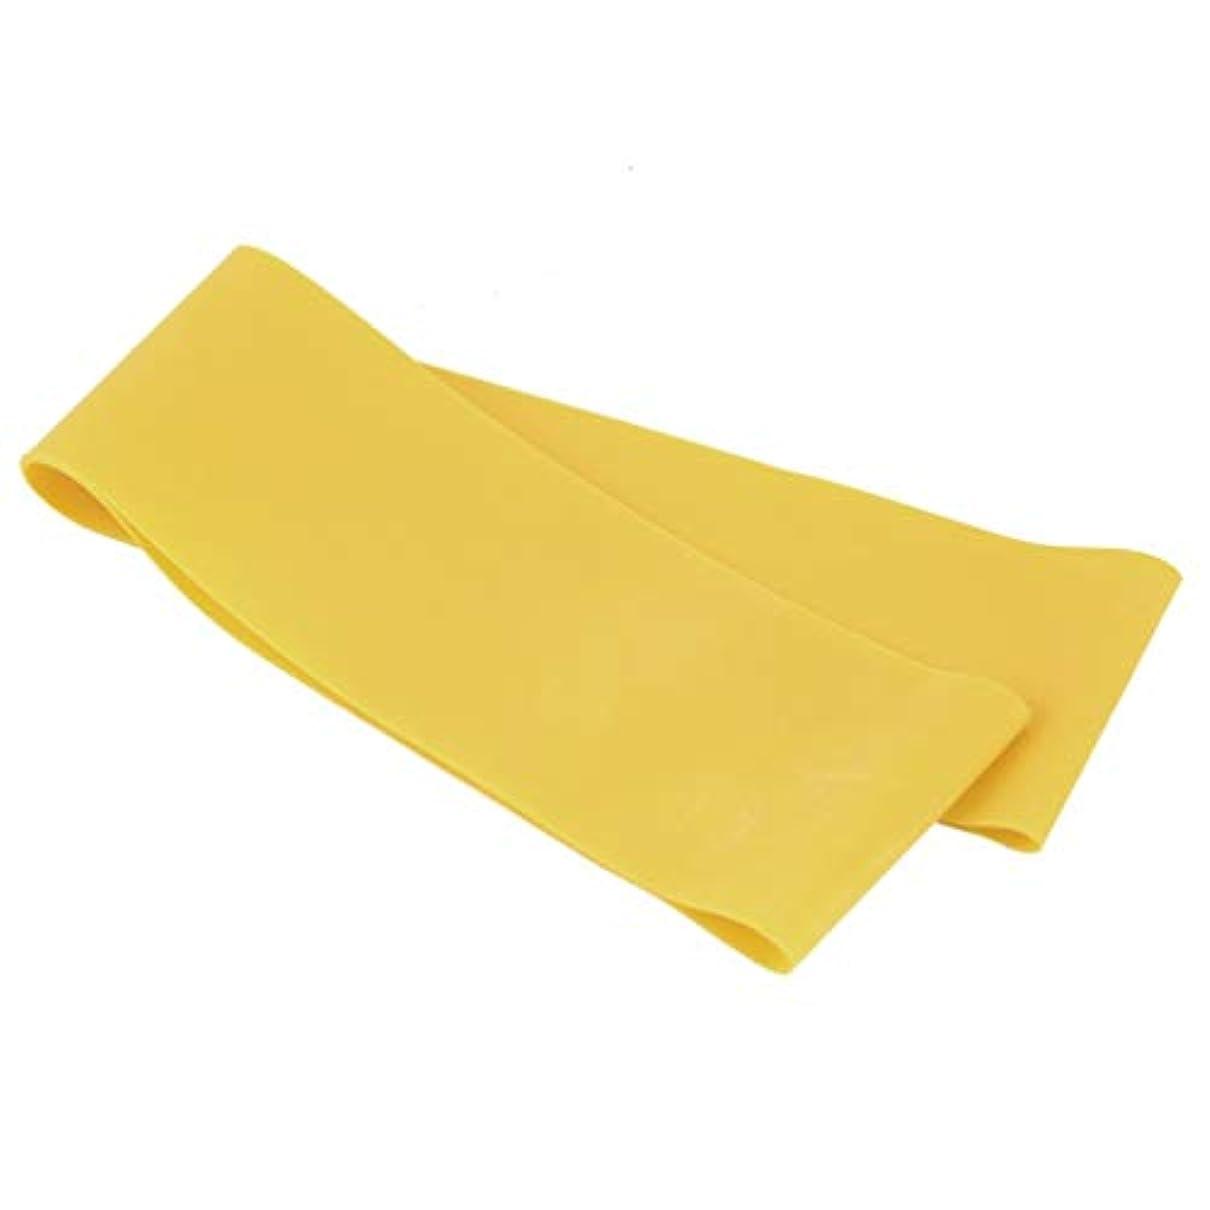 通り抜けるほのか出発滑り止めの伸縮性のあるゴム製伸縮性があるヨガのベルトバンド引きロープの張力抵抗バンドループ強さのためのフィットネスヨガツール - 黄色